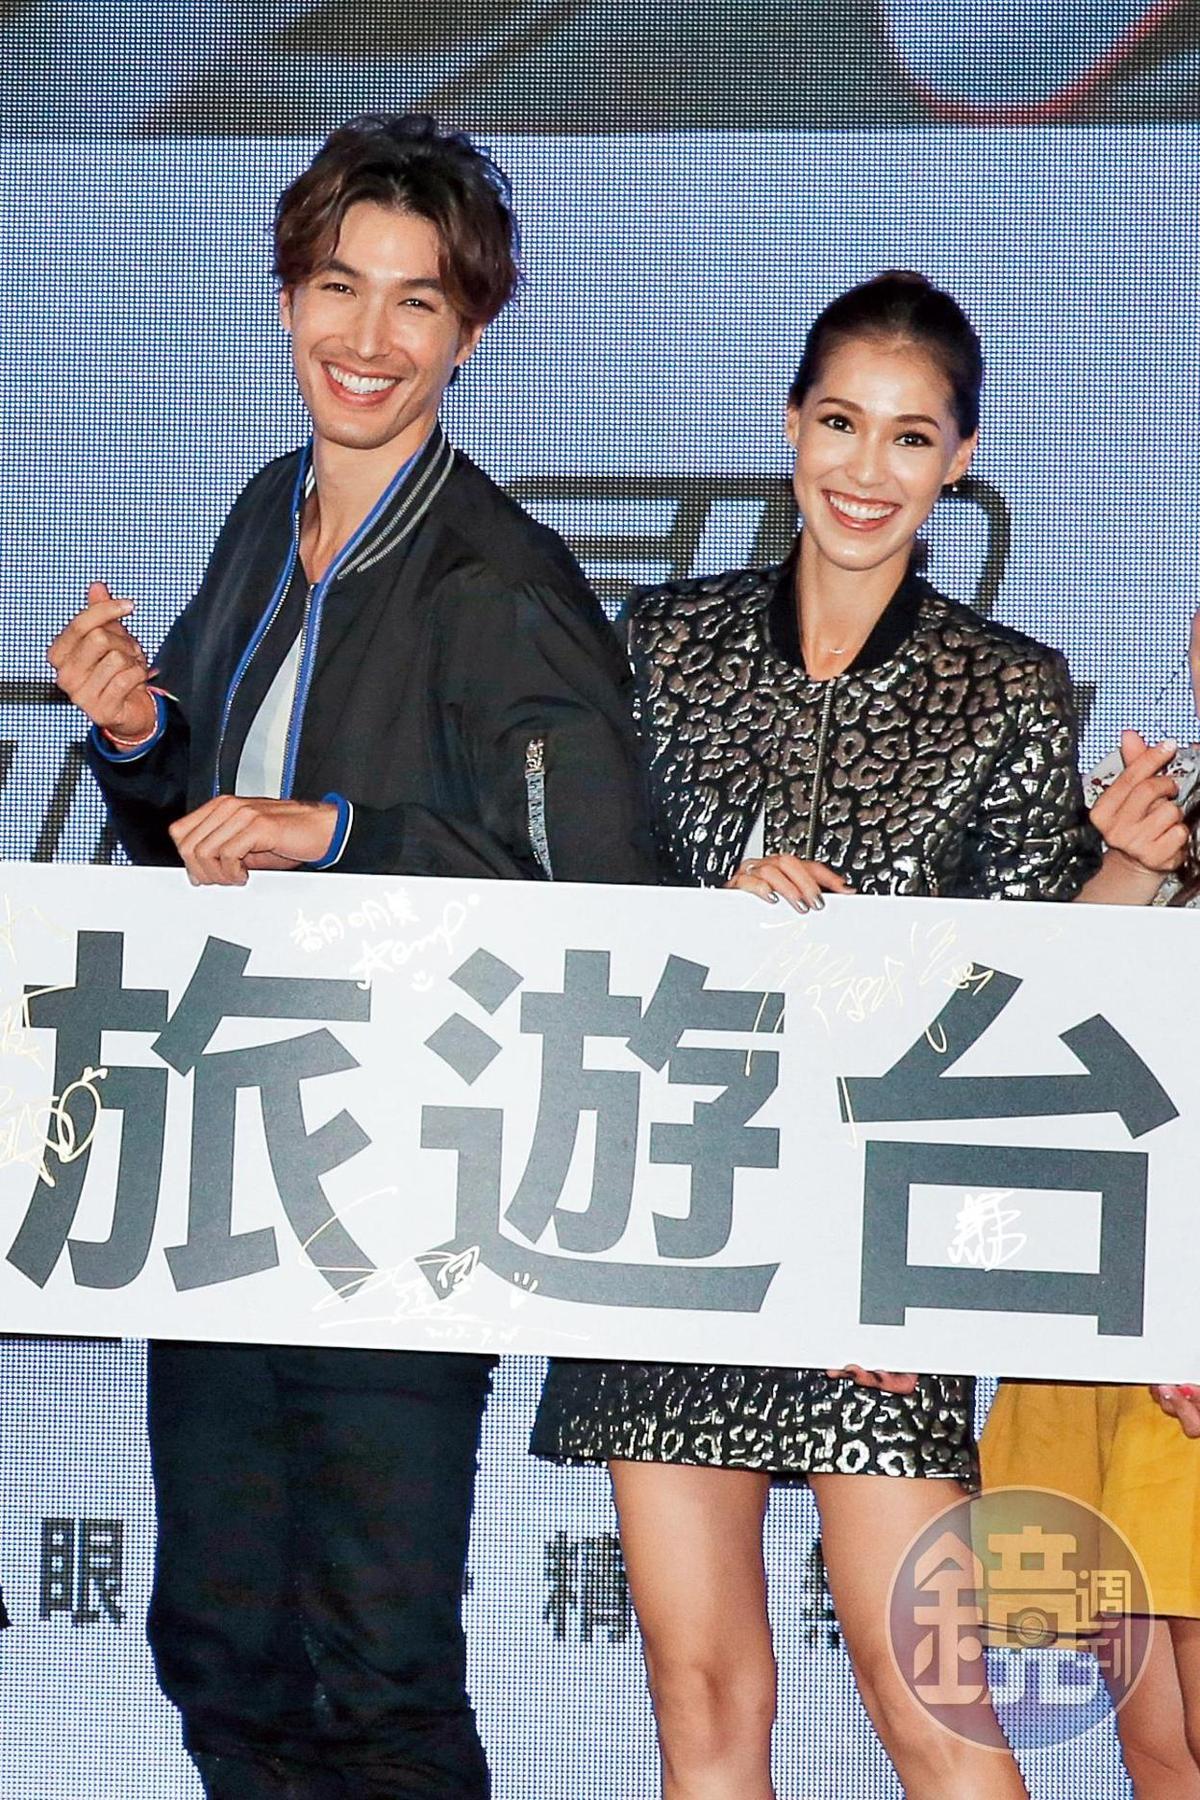 錦榮和Akemi認識多年,近期一起主持旅遊節目《王子的移動城堡》,感情加溫。